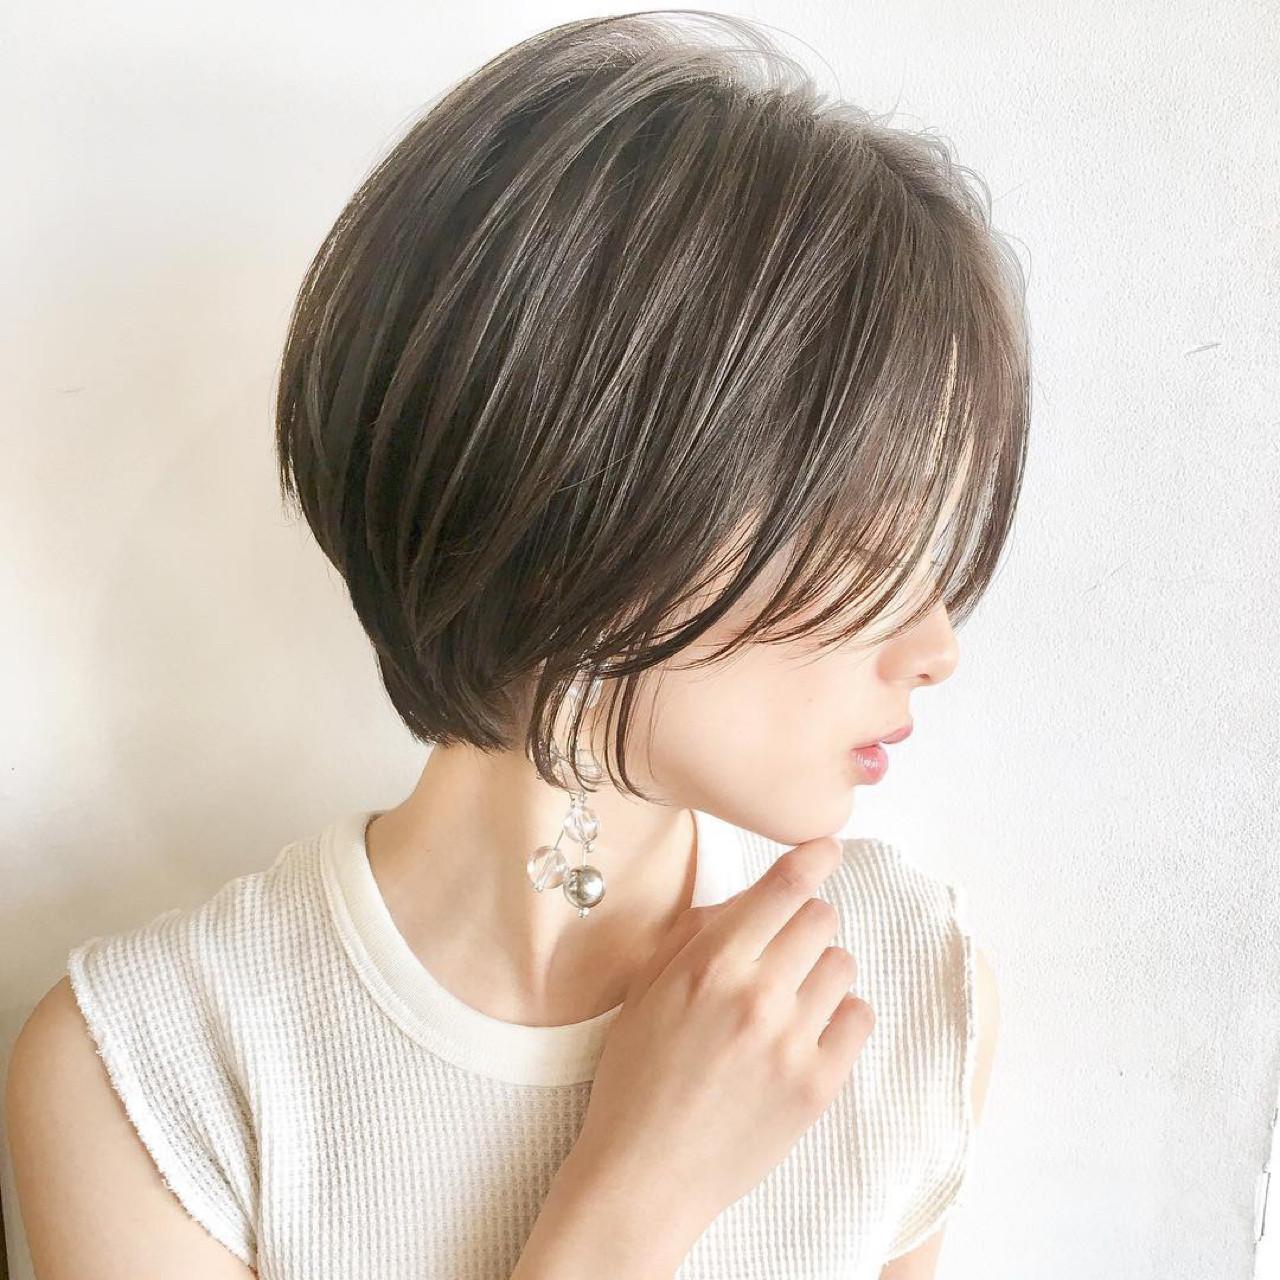 簡単ヘアアレンジ ヘアアレンジ ショート 女子力 ヘアスタイルや髪型の写真・画像 | ショートボブの匠【 山内大成 】『i.hair』 / 『 i. 』 omotesando